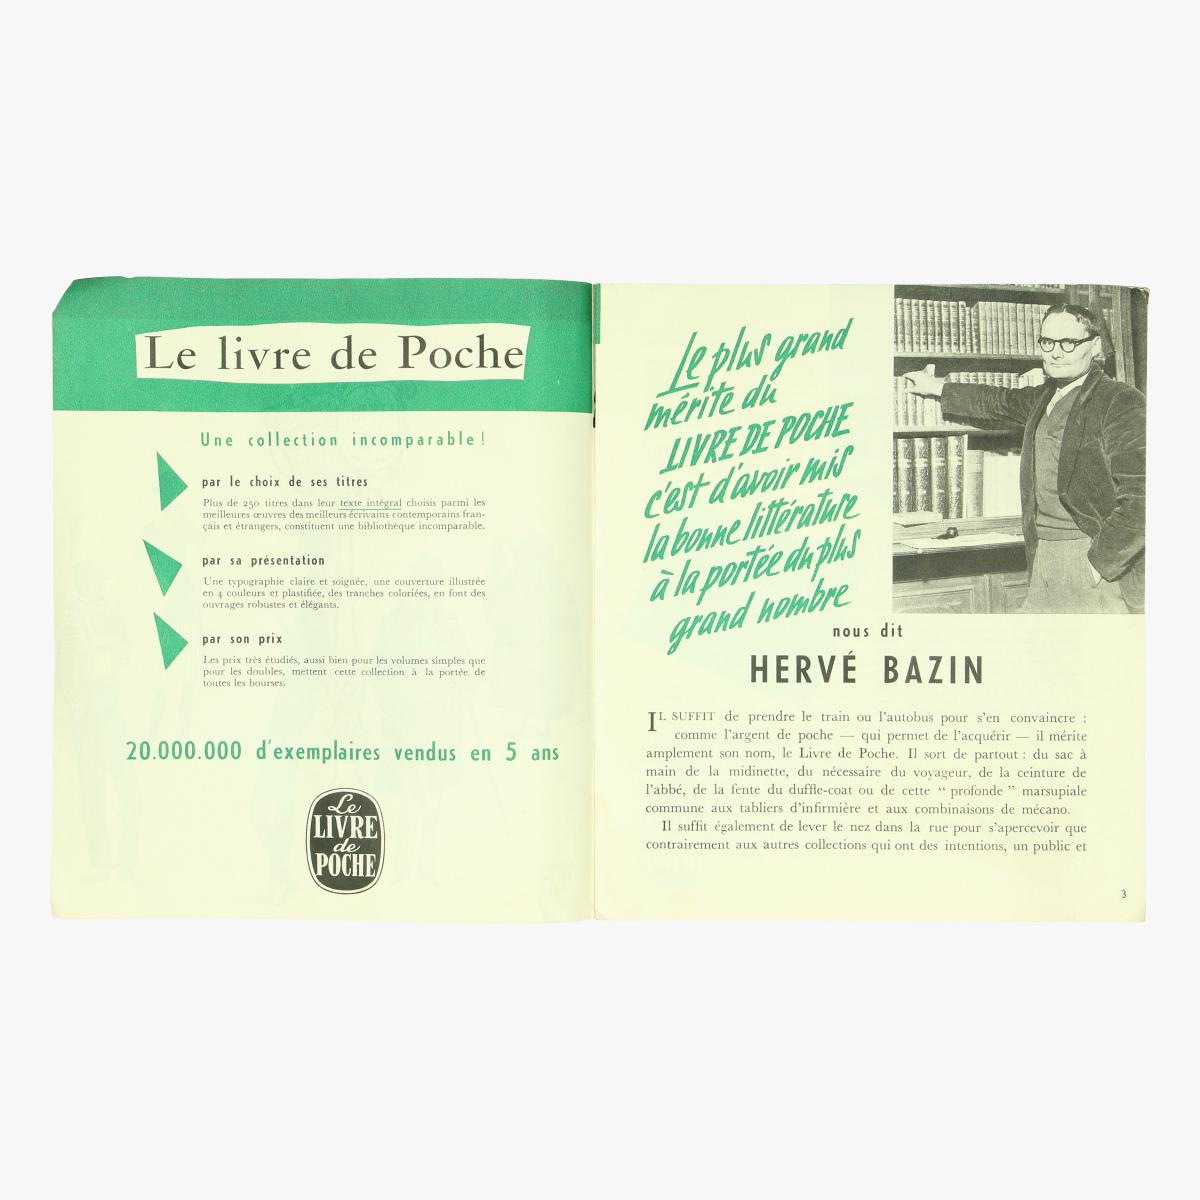 Afbeeldingen van expo 58 catalogeu général serville